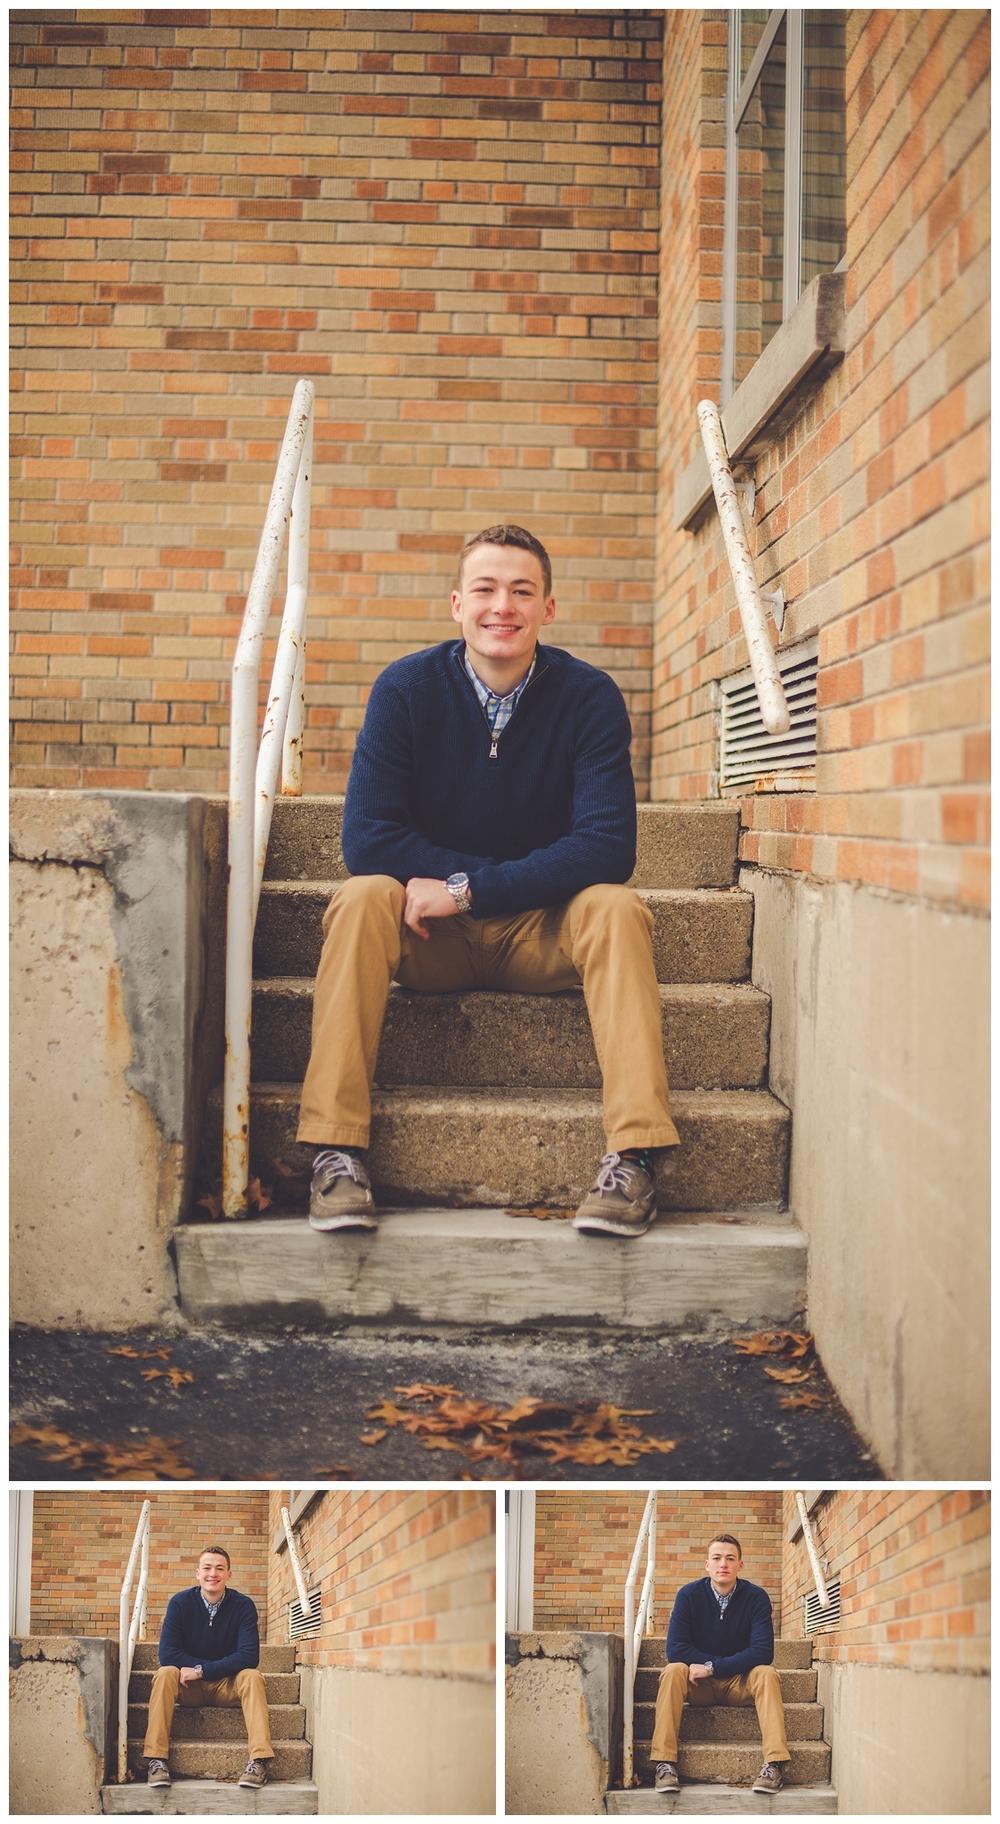 By Kara Photo - Kara Evans - Senior Photographer - Watseka Illinois Senior Photographer - High School Senior Portrait Watseka